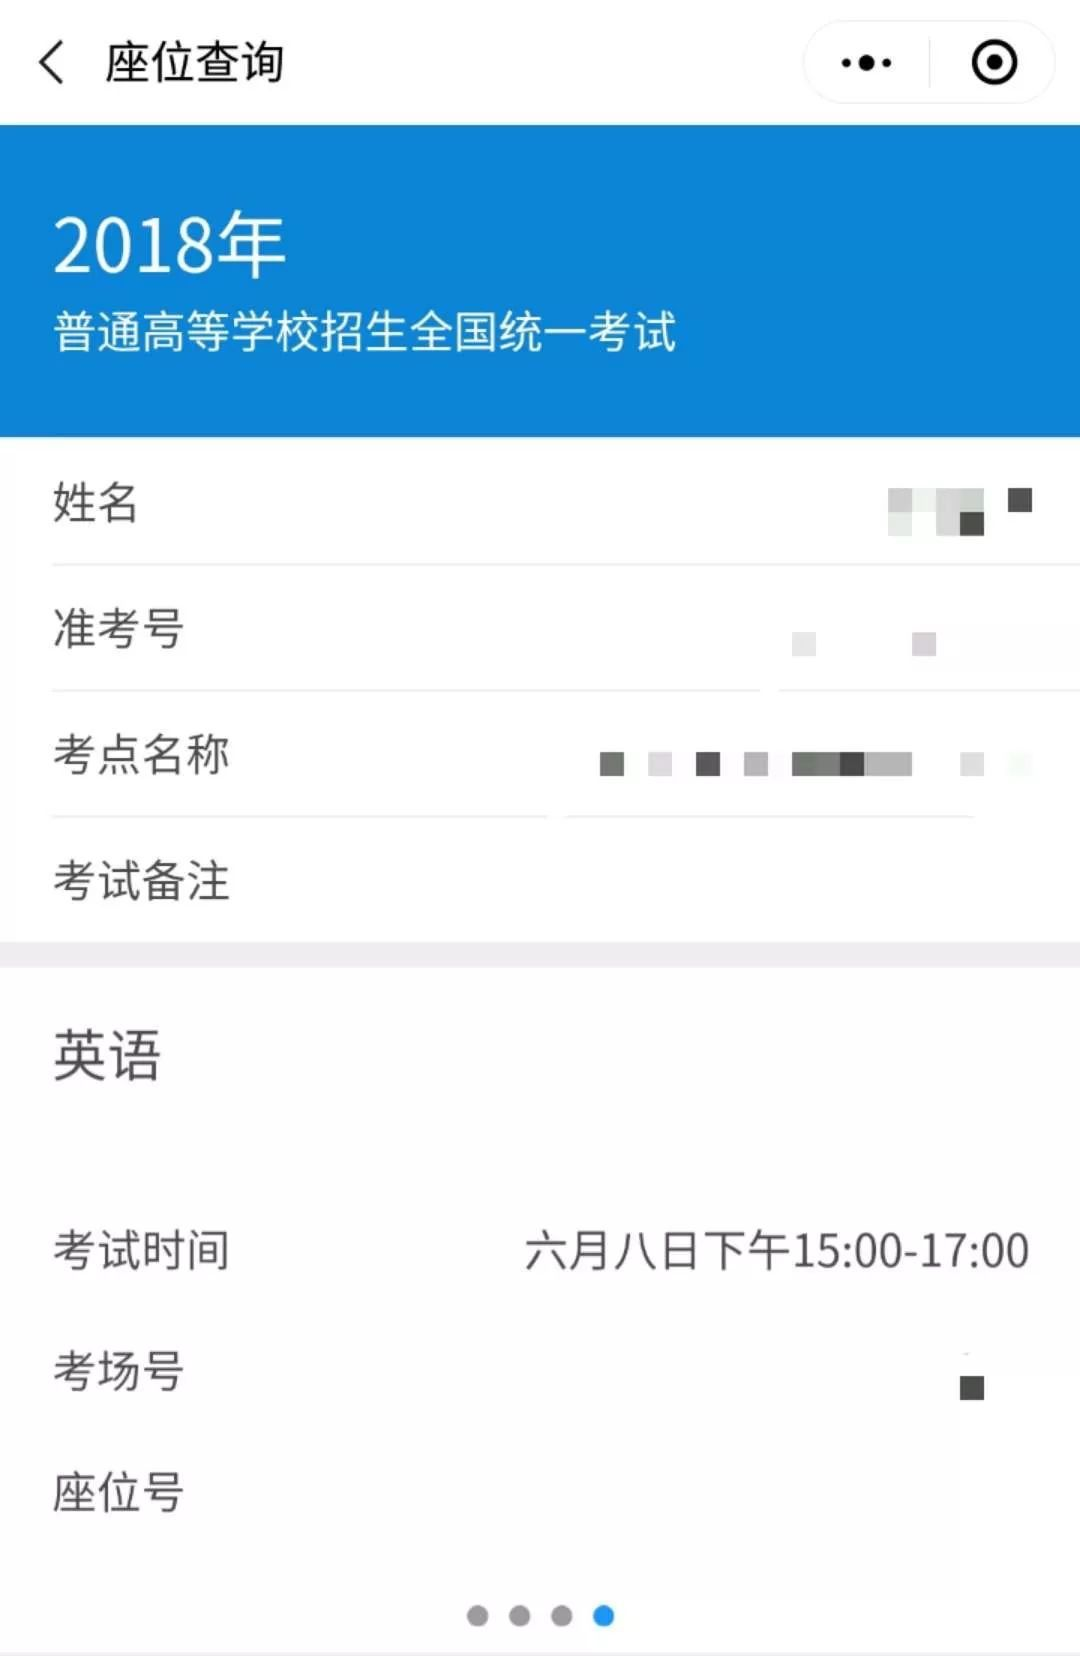 权威!2018年高考座位即日起可通过广东省教育